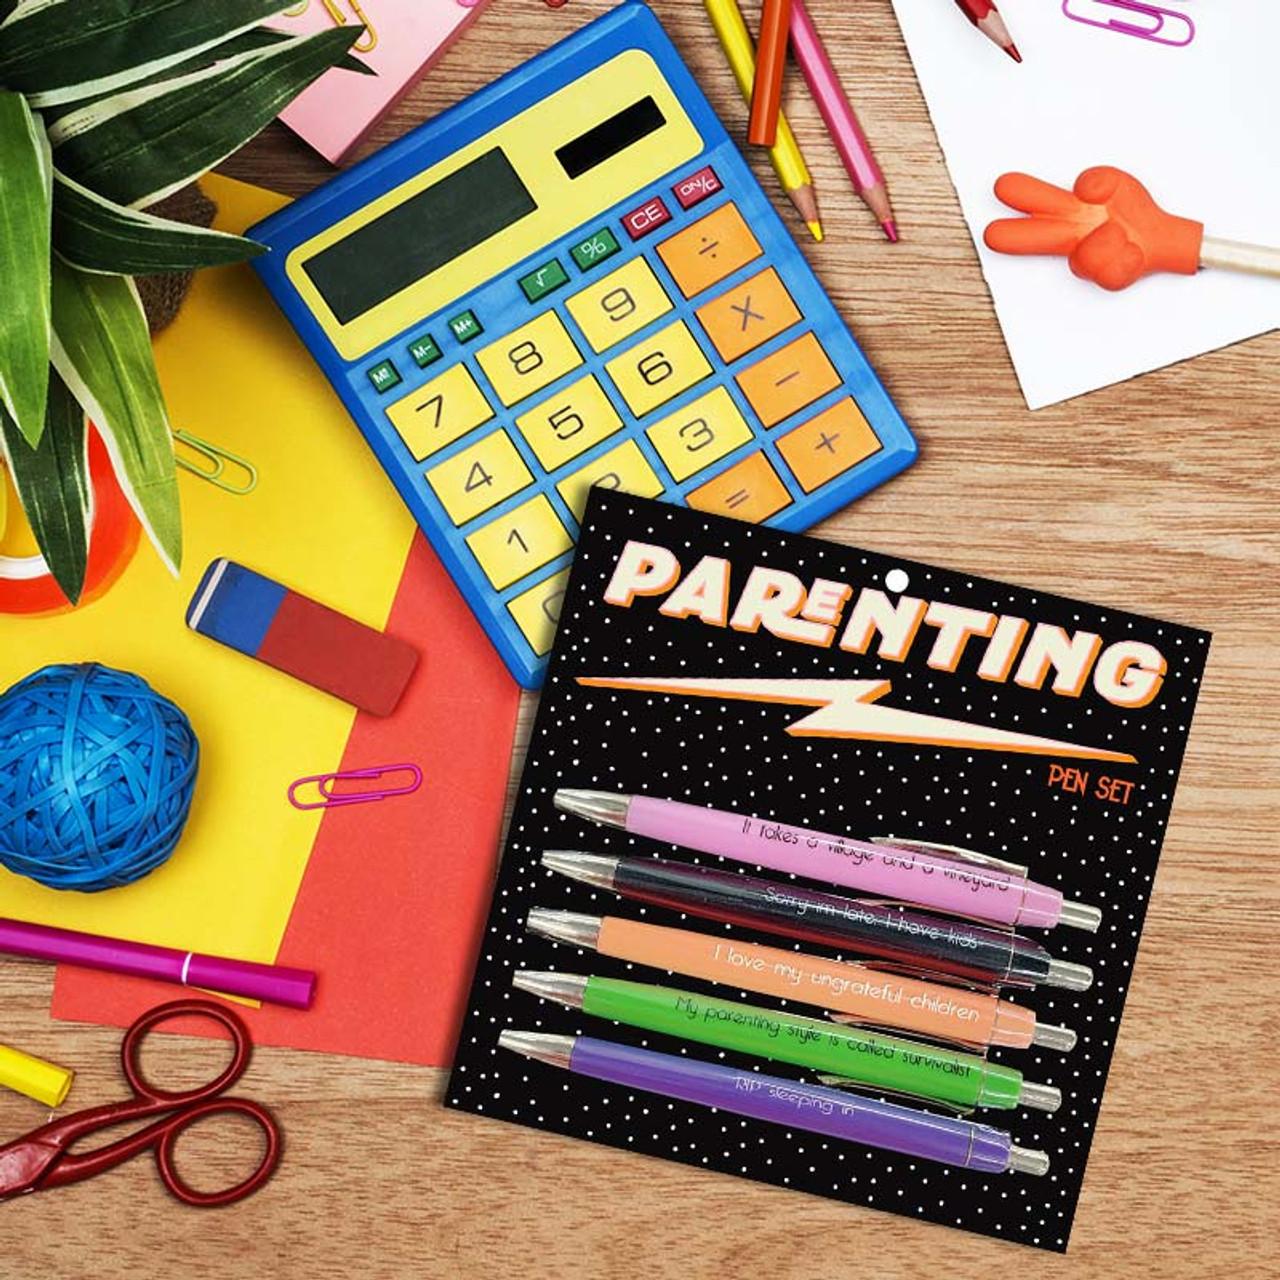 Parenting Pen Set